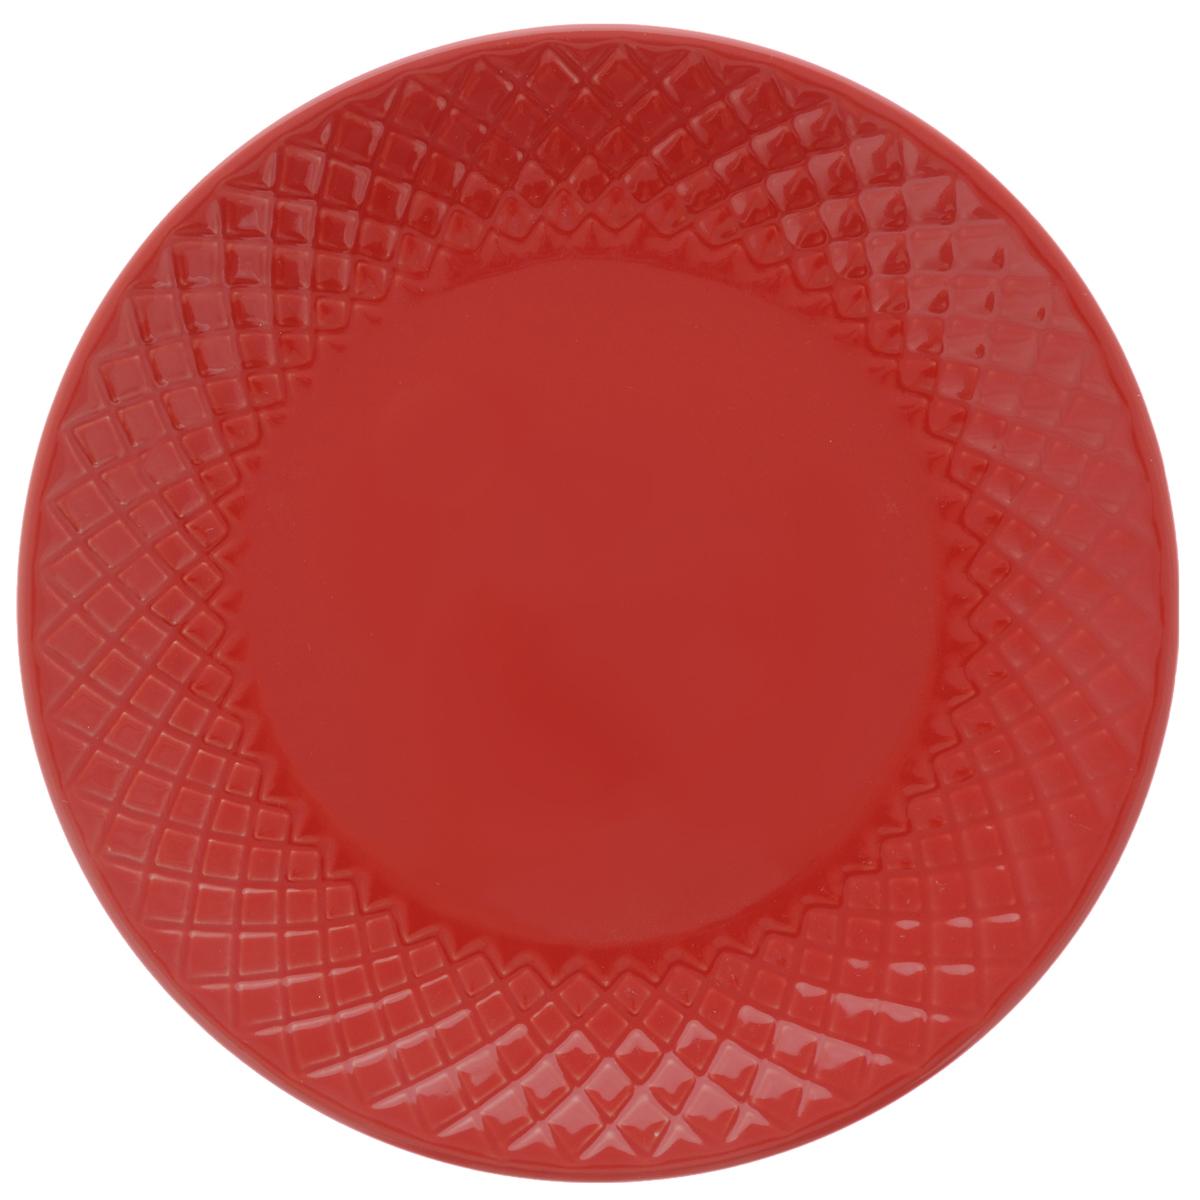 Тарелка обеденная Walmer Amber, цвет: красный, диаметр 20 см54 009303Обеденная тарелка Walmer Amber, изготовленная из высококачественной керамики, имеет изысканный внешний вид. Яркий дизайн придется по вкусу и ценителям классики, и тем, кто предпочитает утонченность. Тарелка Walmer Amber идеально подойдет для сервировки стола и станет отличным подарком к любому празднику.Диаметр (по верхнему краю): 20 см